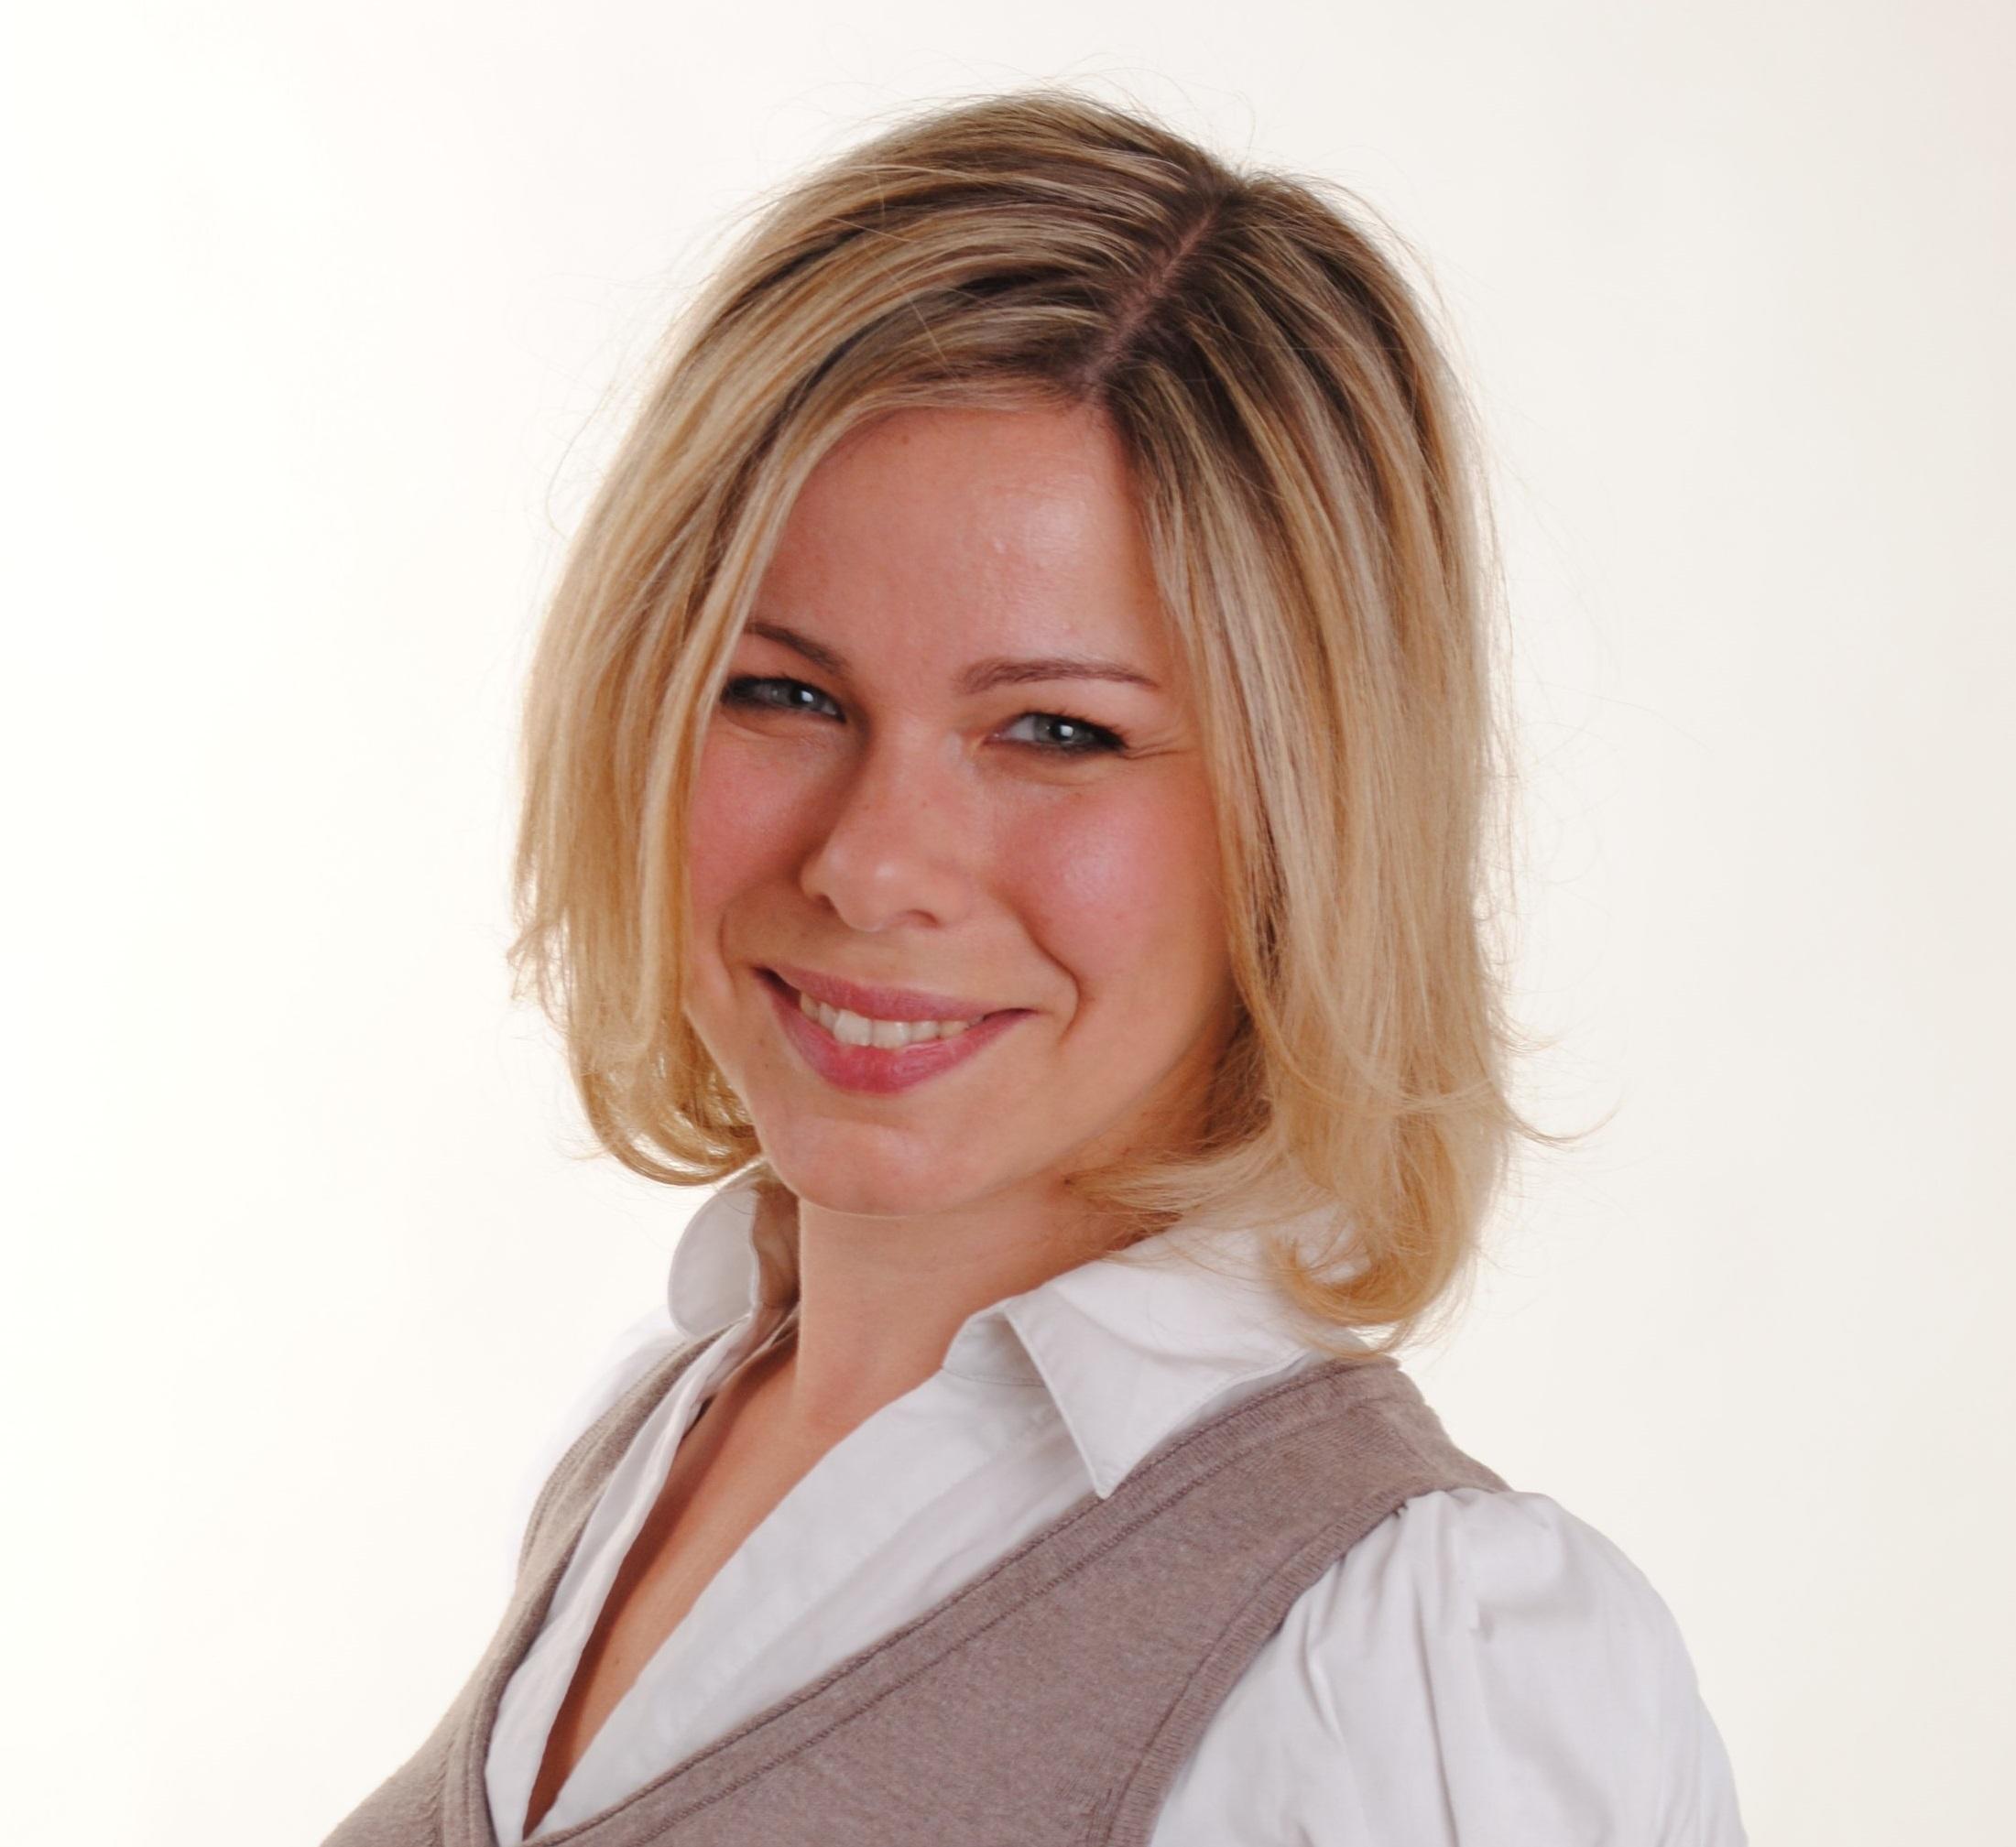 Nadine Gröhling, Geschäftsführerin der NaMaG Hausverwaltung